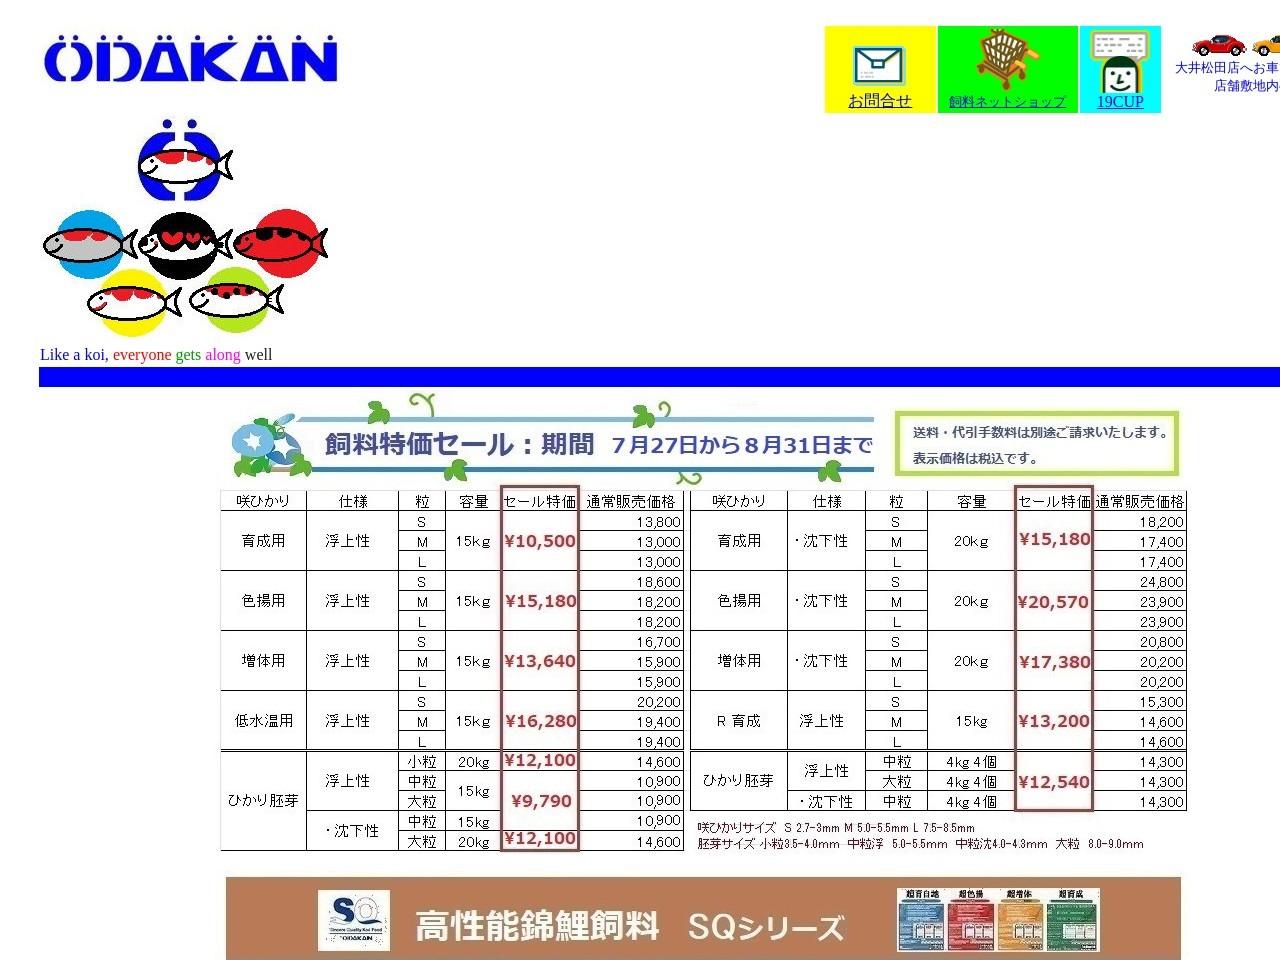 株式会社オダカン